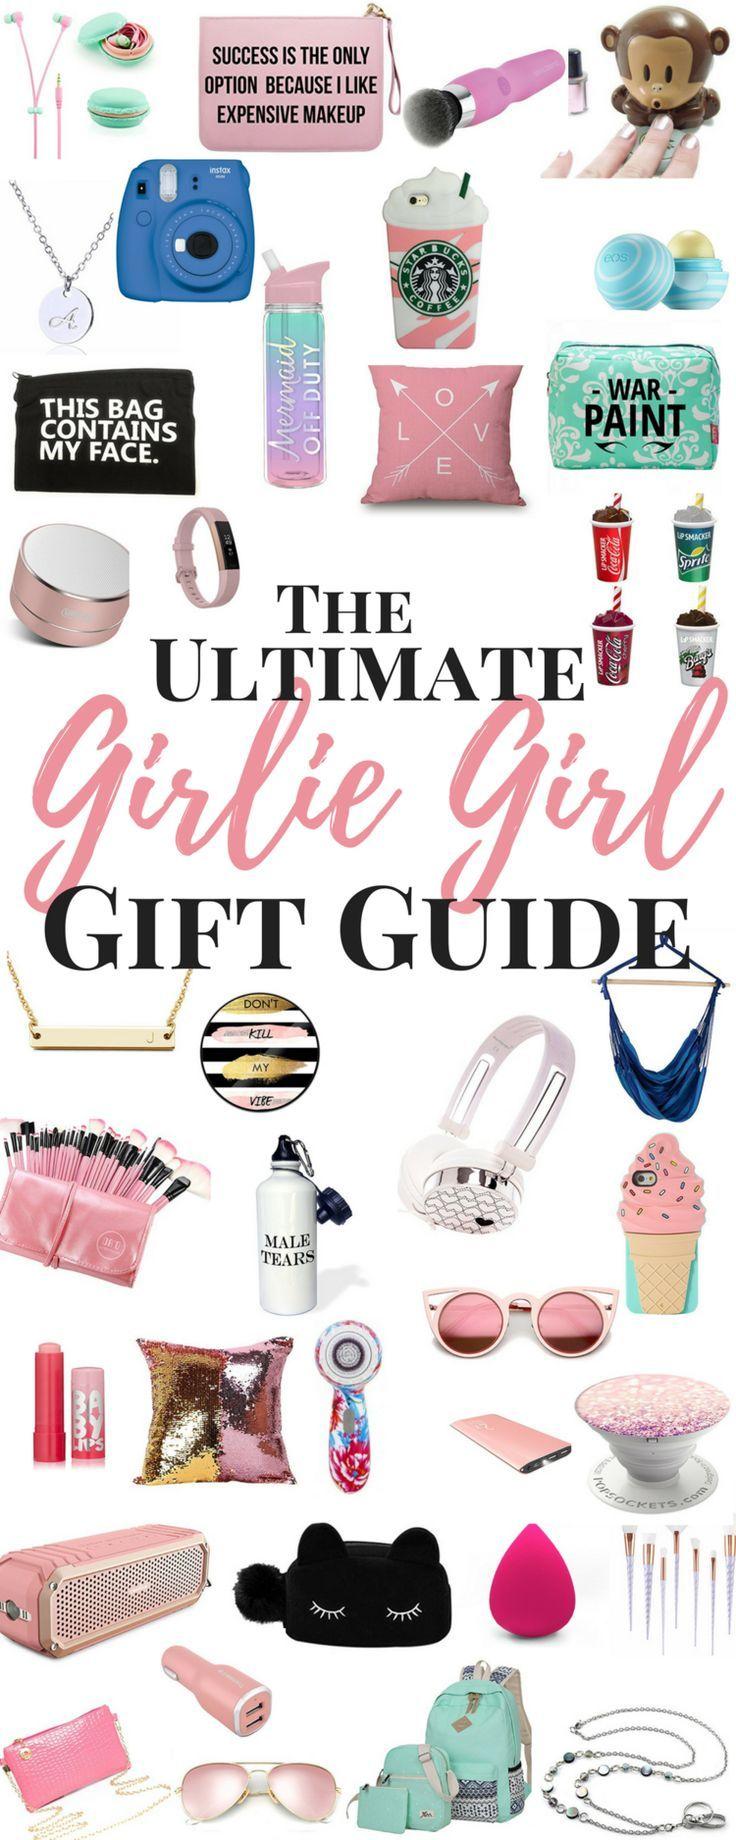 The Ultimate Girlie Girl's Gift Guide Girls gift guide